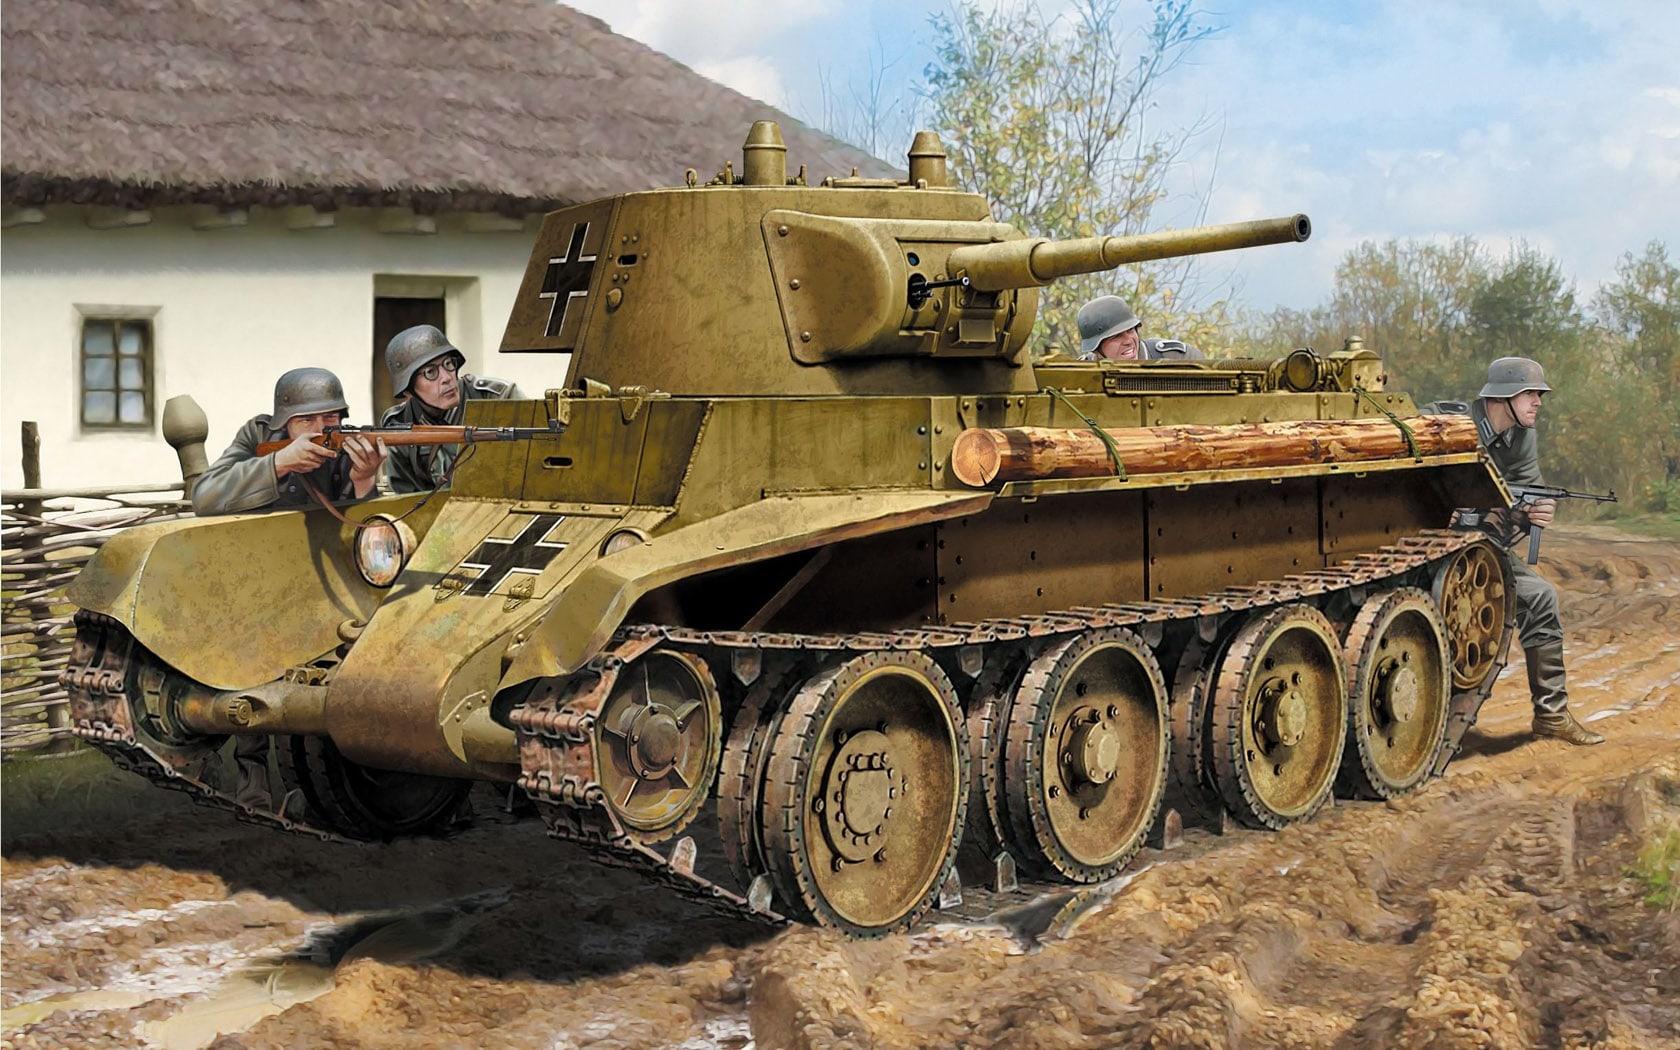 Гитлеровцы при штурме форта использовали трофейные советские танки